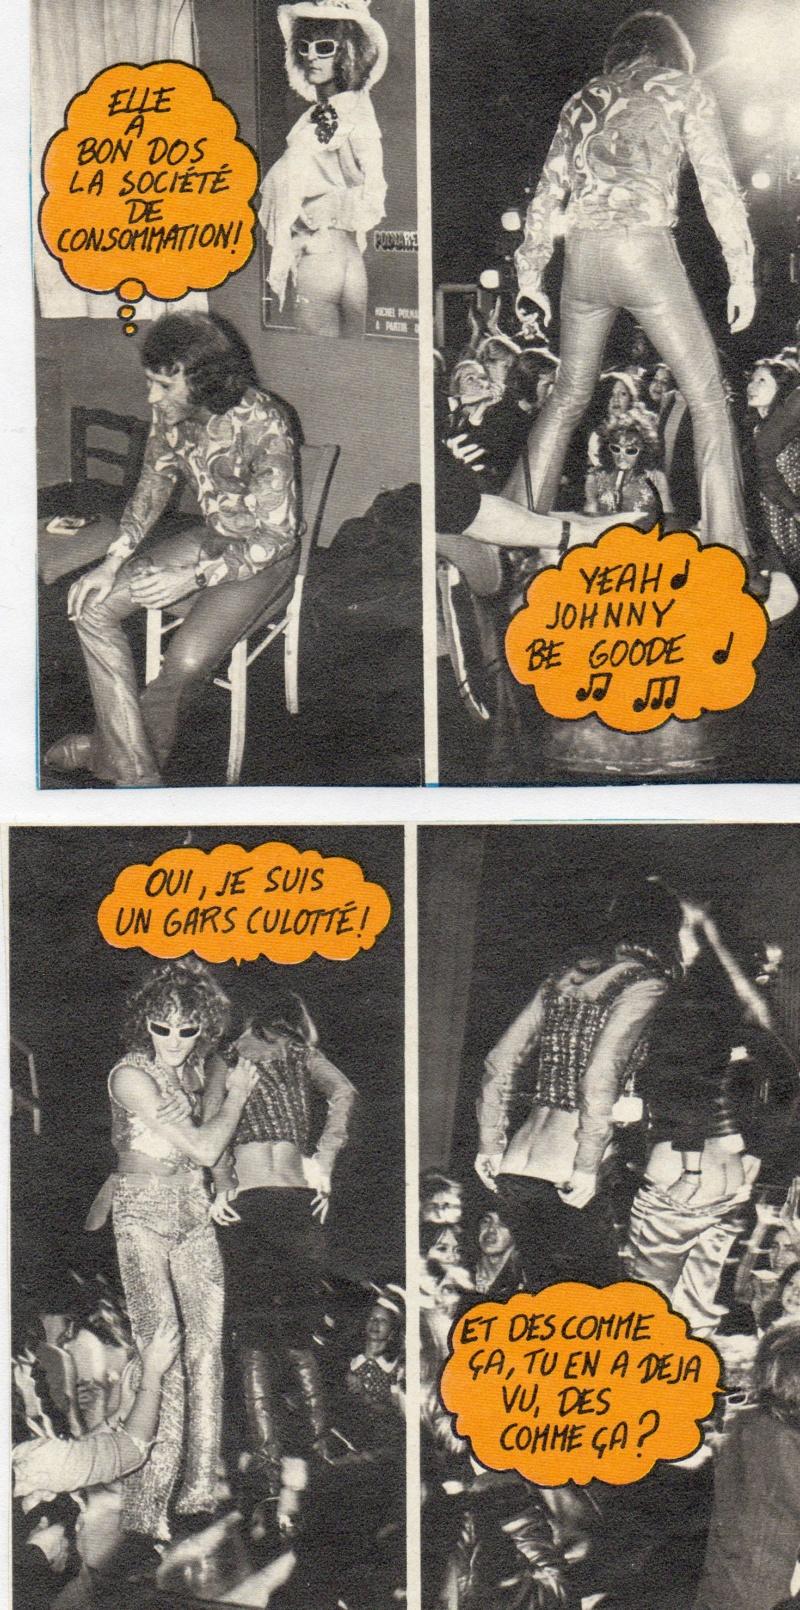 JOHNNY ET LA PRESSE D'HIER A AUJOURD'HUI - Page 3 Img15111